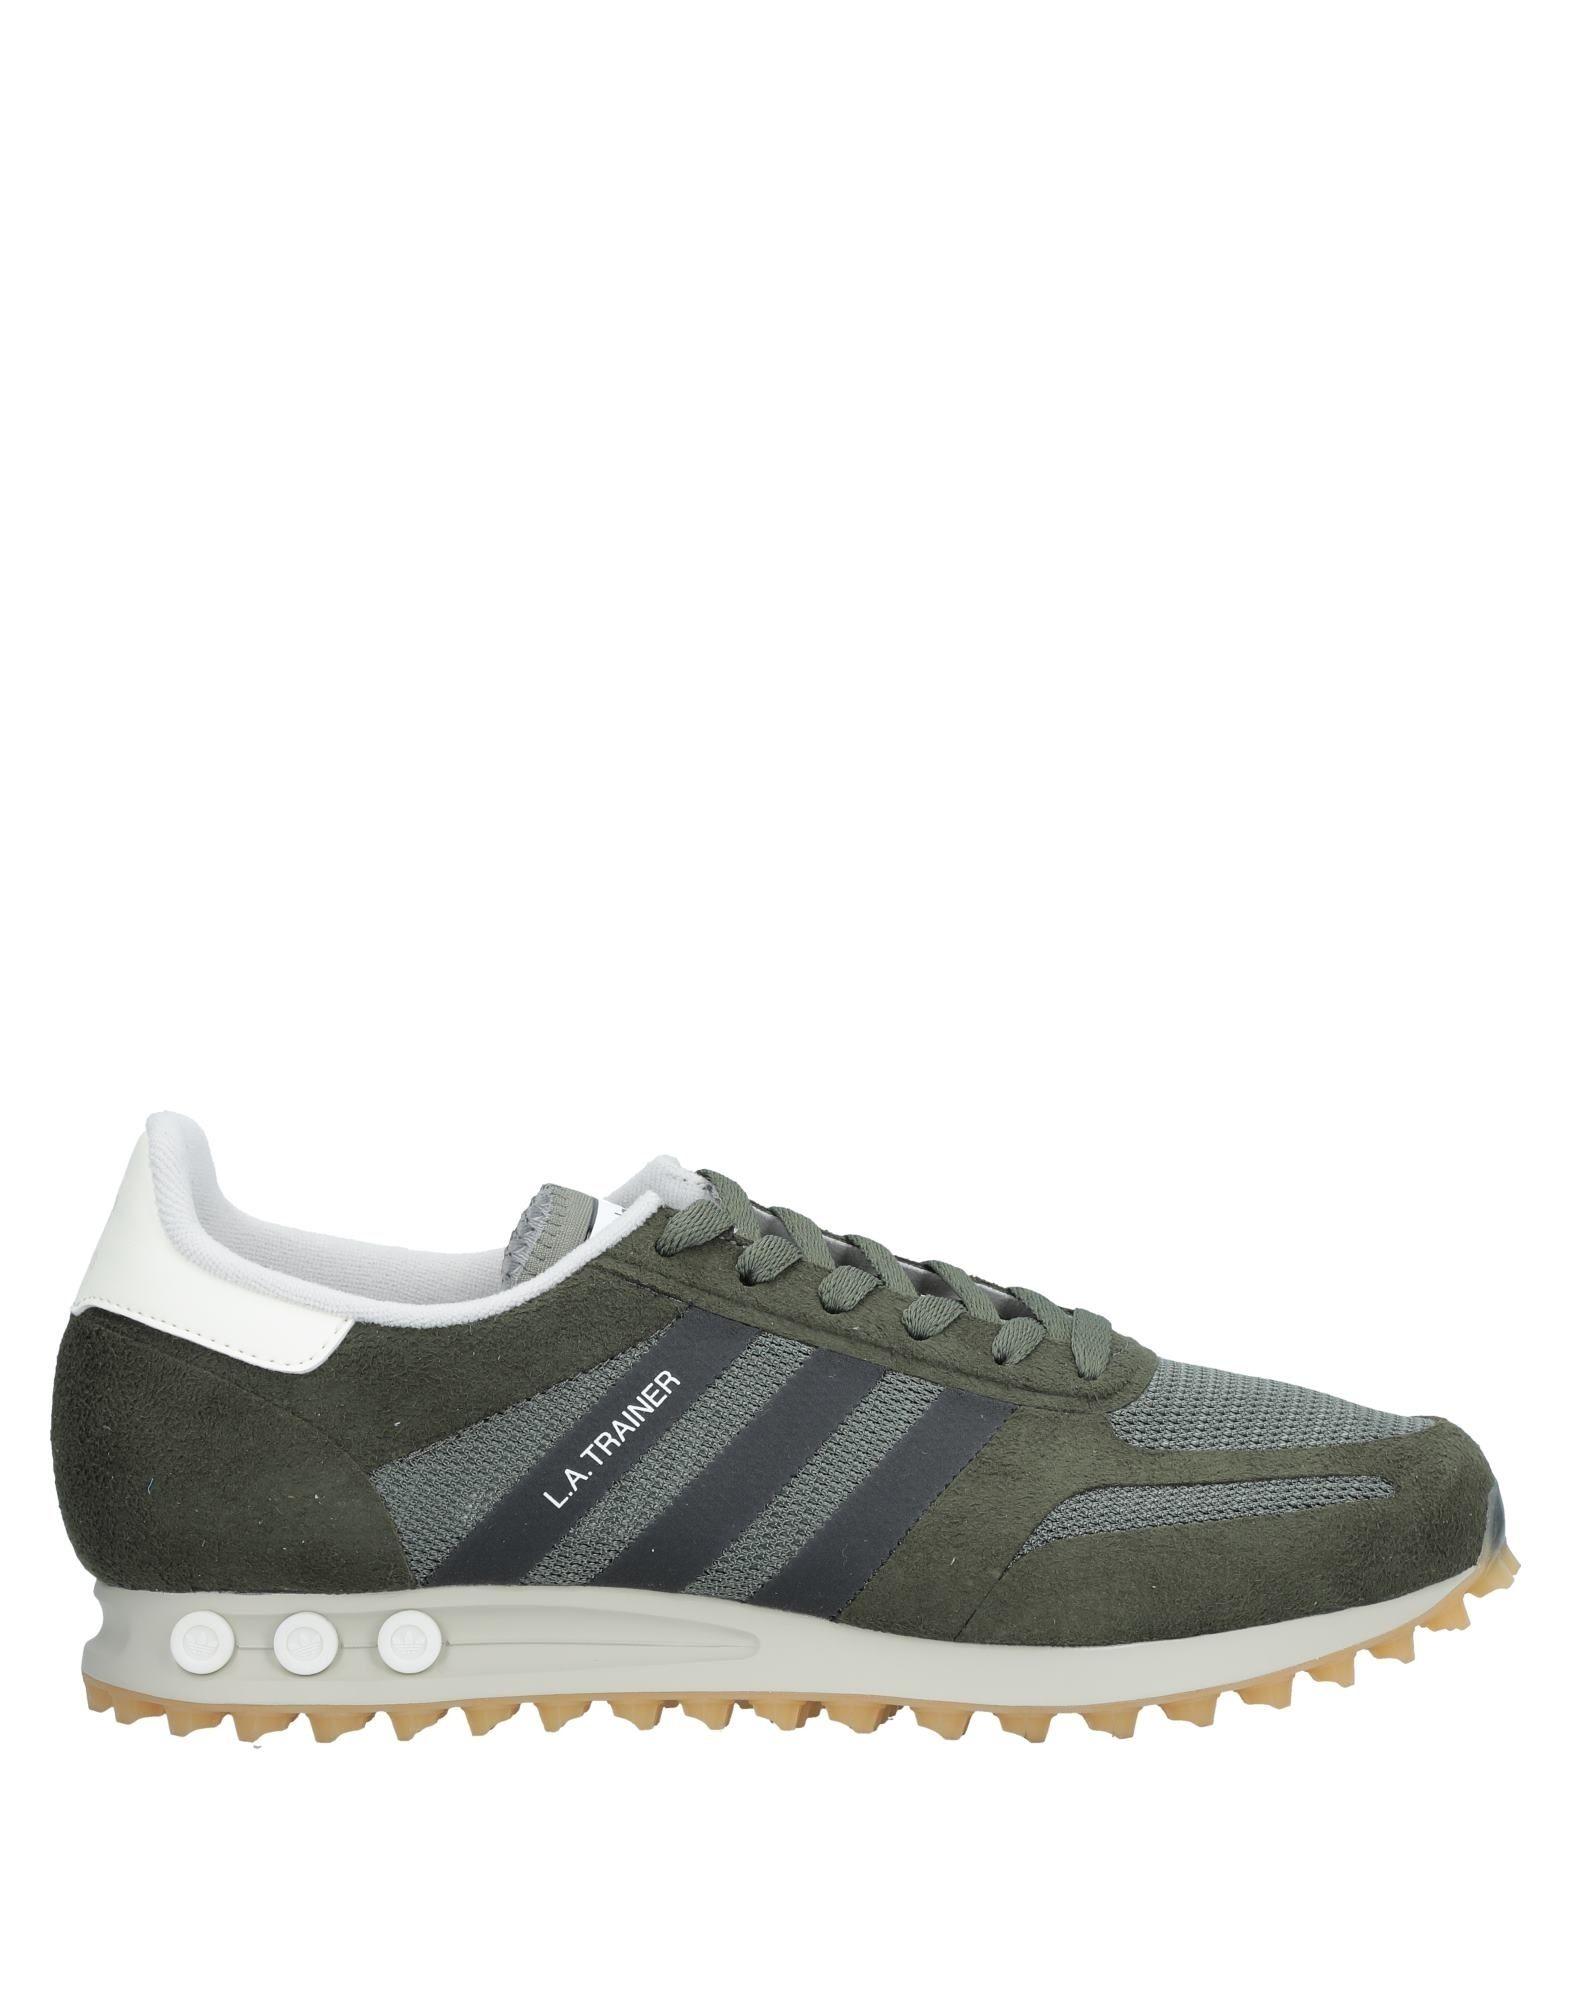 Rabatt echte Schuhe Adidas Originals Sneakers Herren  11536379RG